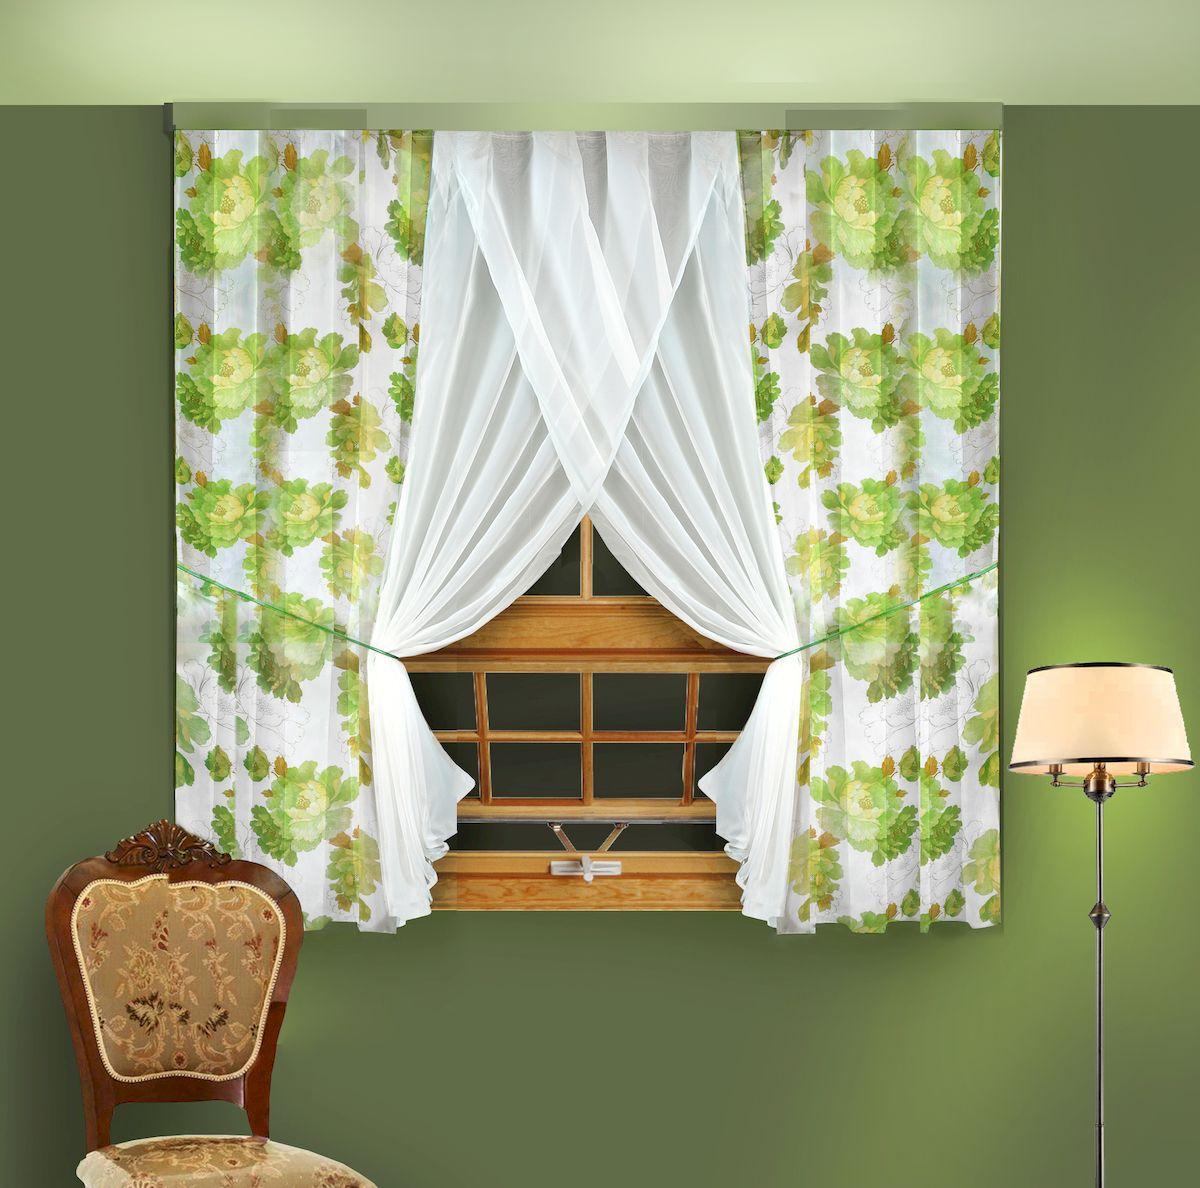 Комплект штор для кухни Zlata Korunka, на ленте, цвет: зеленый, высота 180 см. 5566555665Комплект штор для кухни Zlata Korunka, выполненный из полиэстера, великолепно украсит любое окно. Комплект состоит из 2 штор и 2 подхватов. Крупный цветочный рисунок и приятная цветовая гамма привлекут к себе внимание и органично впишутся в интерьер помещения. Этот комплект будет долгое время радовать вас и вашу семью! Комплект крепится на карниз при помощи ленты, которая поможет красиво и равномерно задрапировать верх. В комплект входит: Штора: 2 шт. Размер (Ш х В): 180 х 180 см. Подхват: 2 шт.